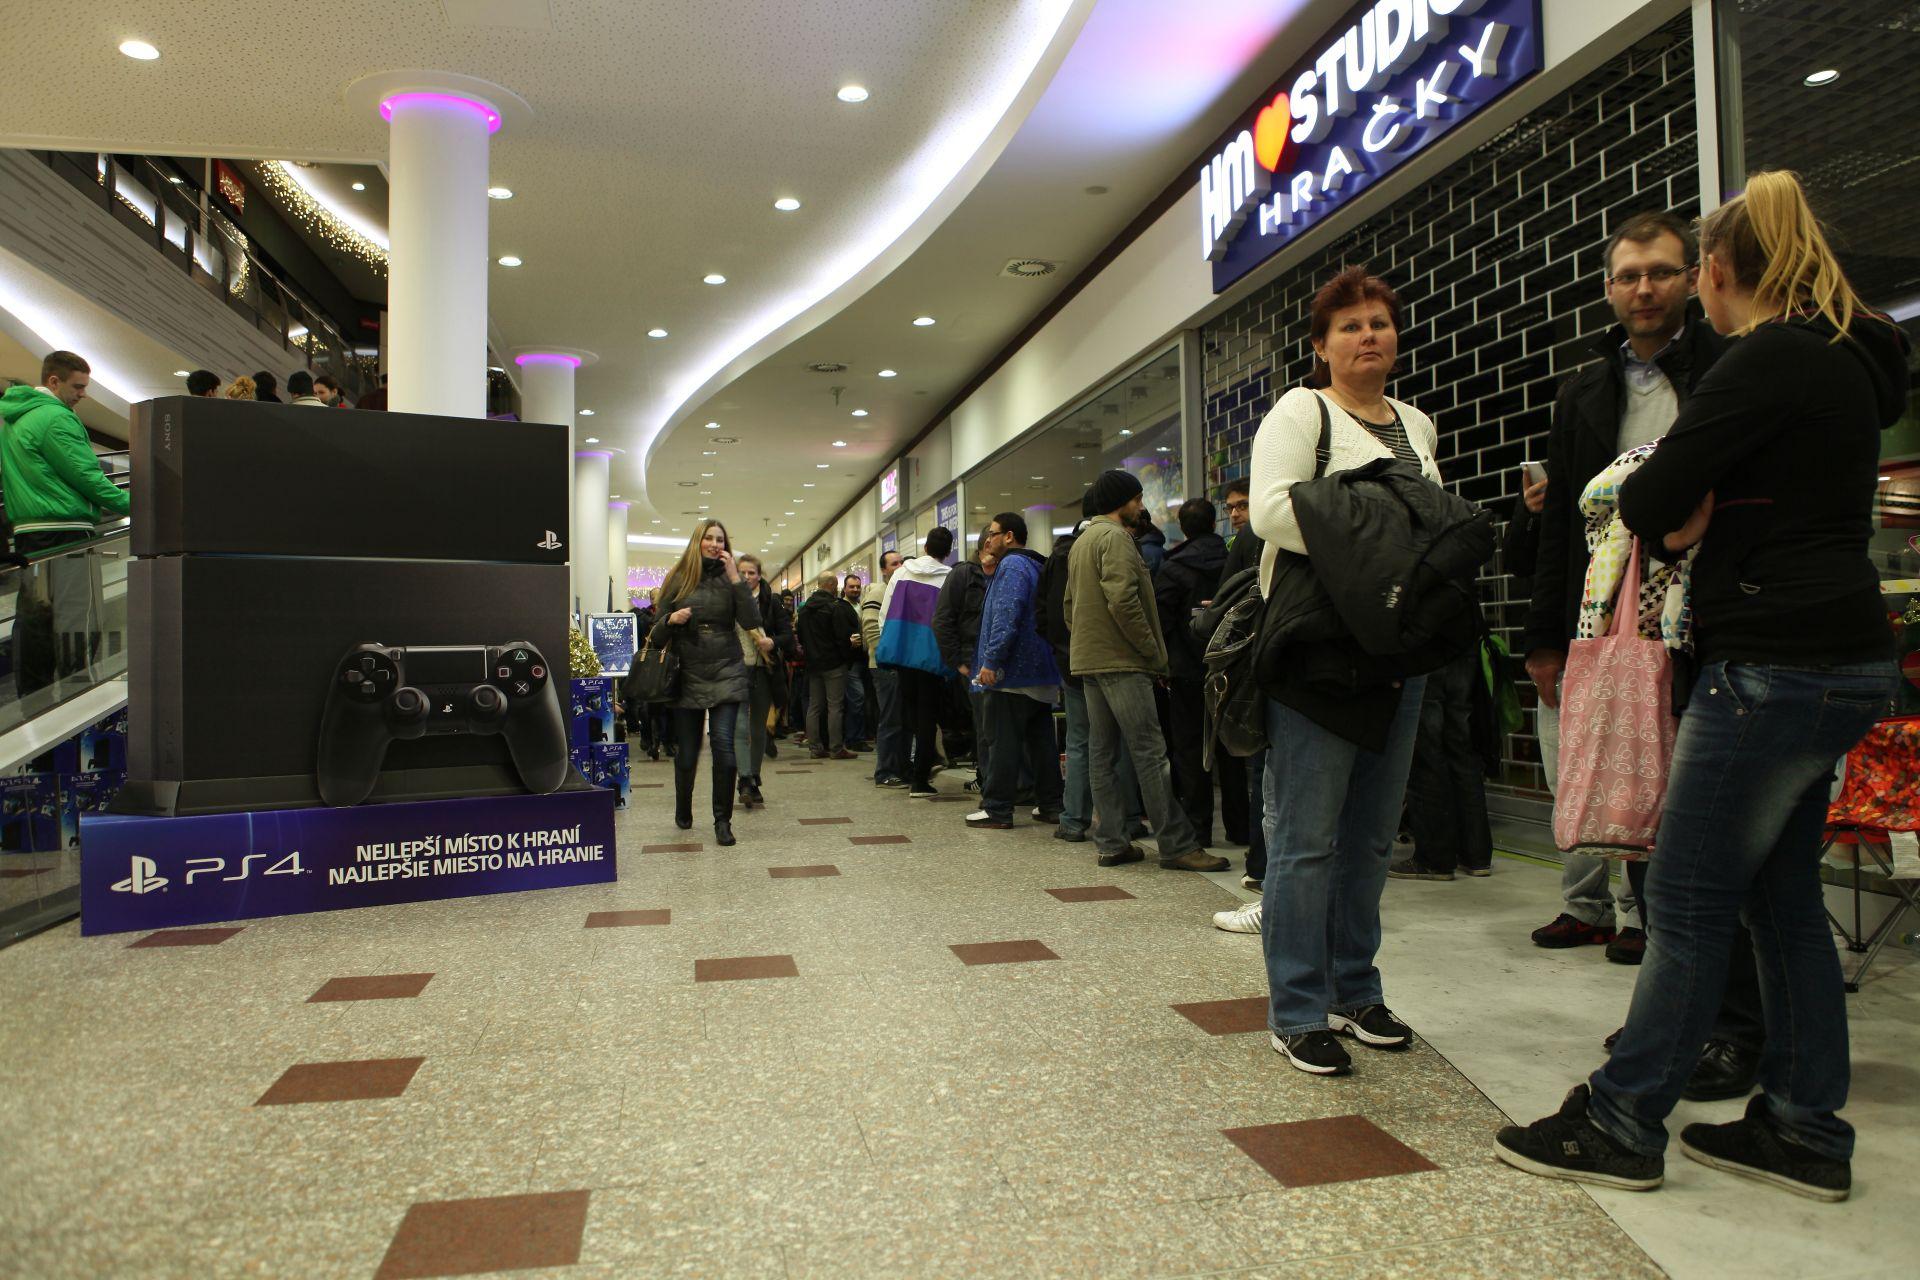 Fotky z půlnočního prodeje PS4 v Praze a Bratislavě 90886